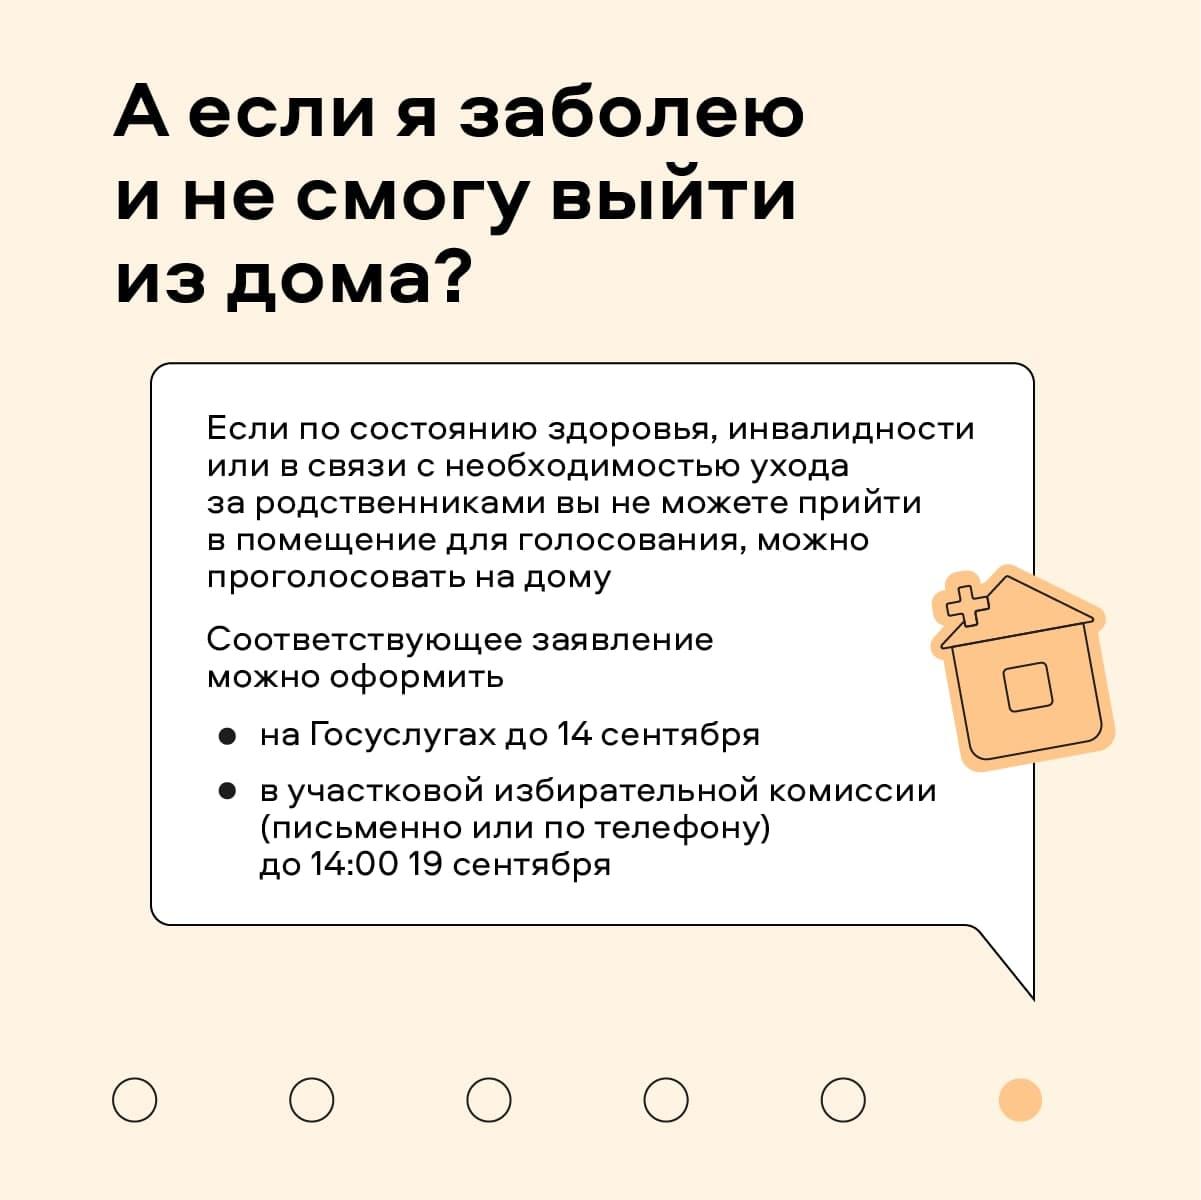 4fbdb7ff-9379-4d48-8b93-877e10a4989f